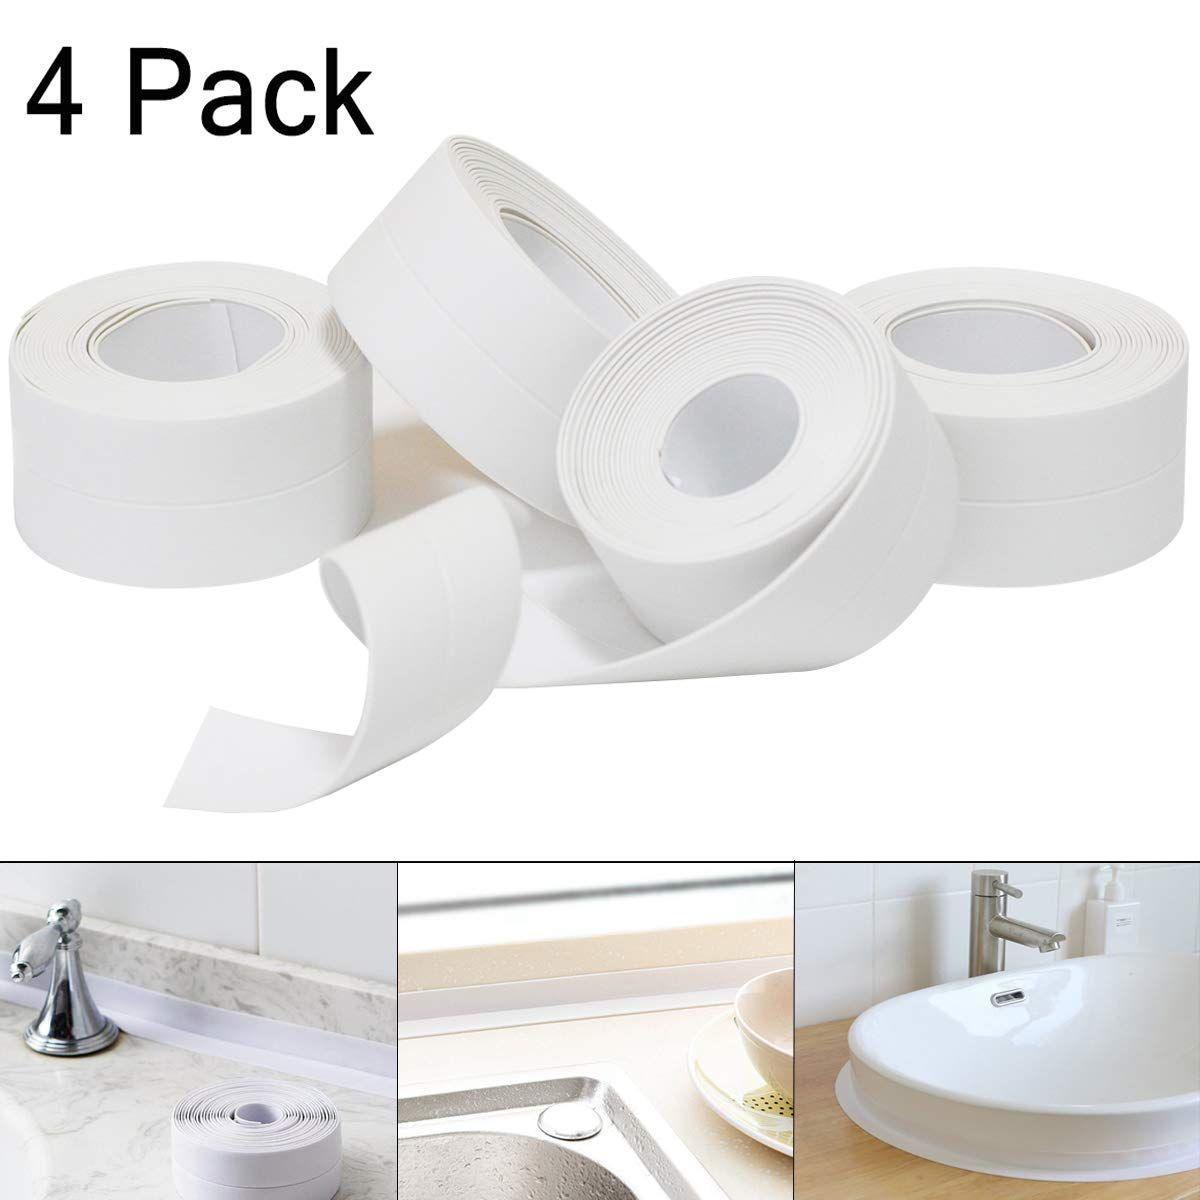 4 Stuck Selbstklebende Dichtband Wasserdichtes Klebeband Pe Material Auf Die Kuche Toilette Badewanne Wandecke Badezimmer In In 2020 Badezimmer Badewanne Klebeband